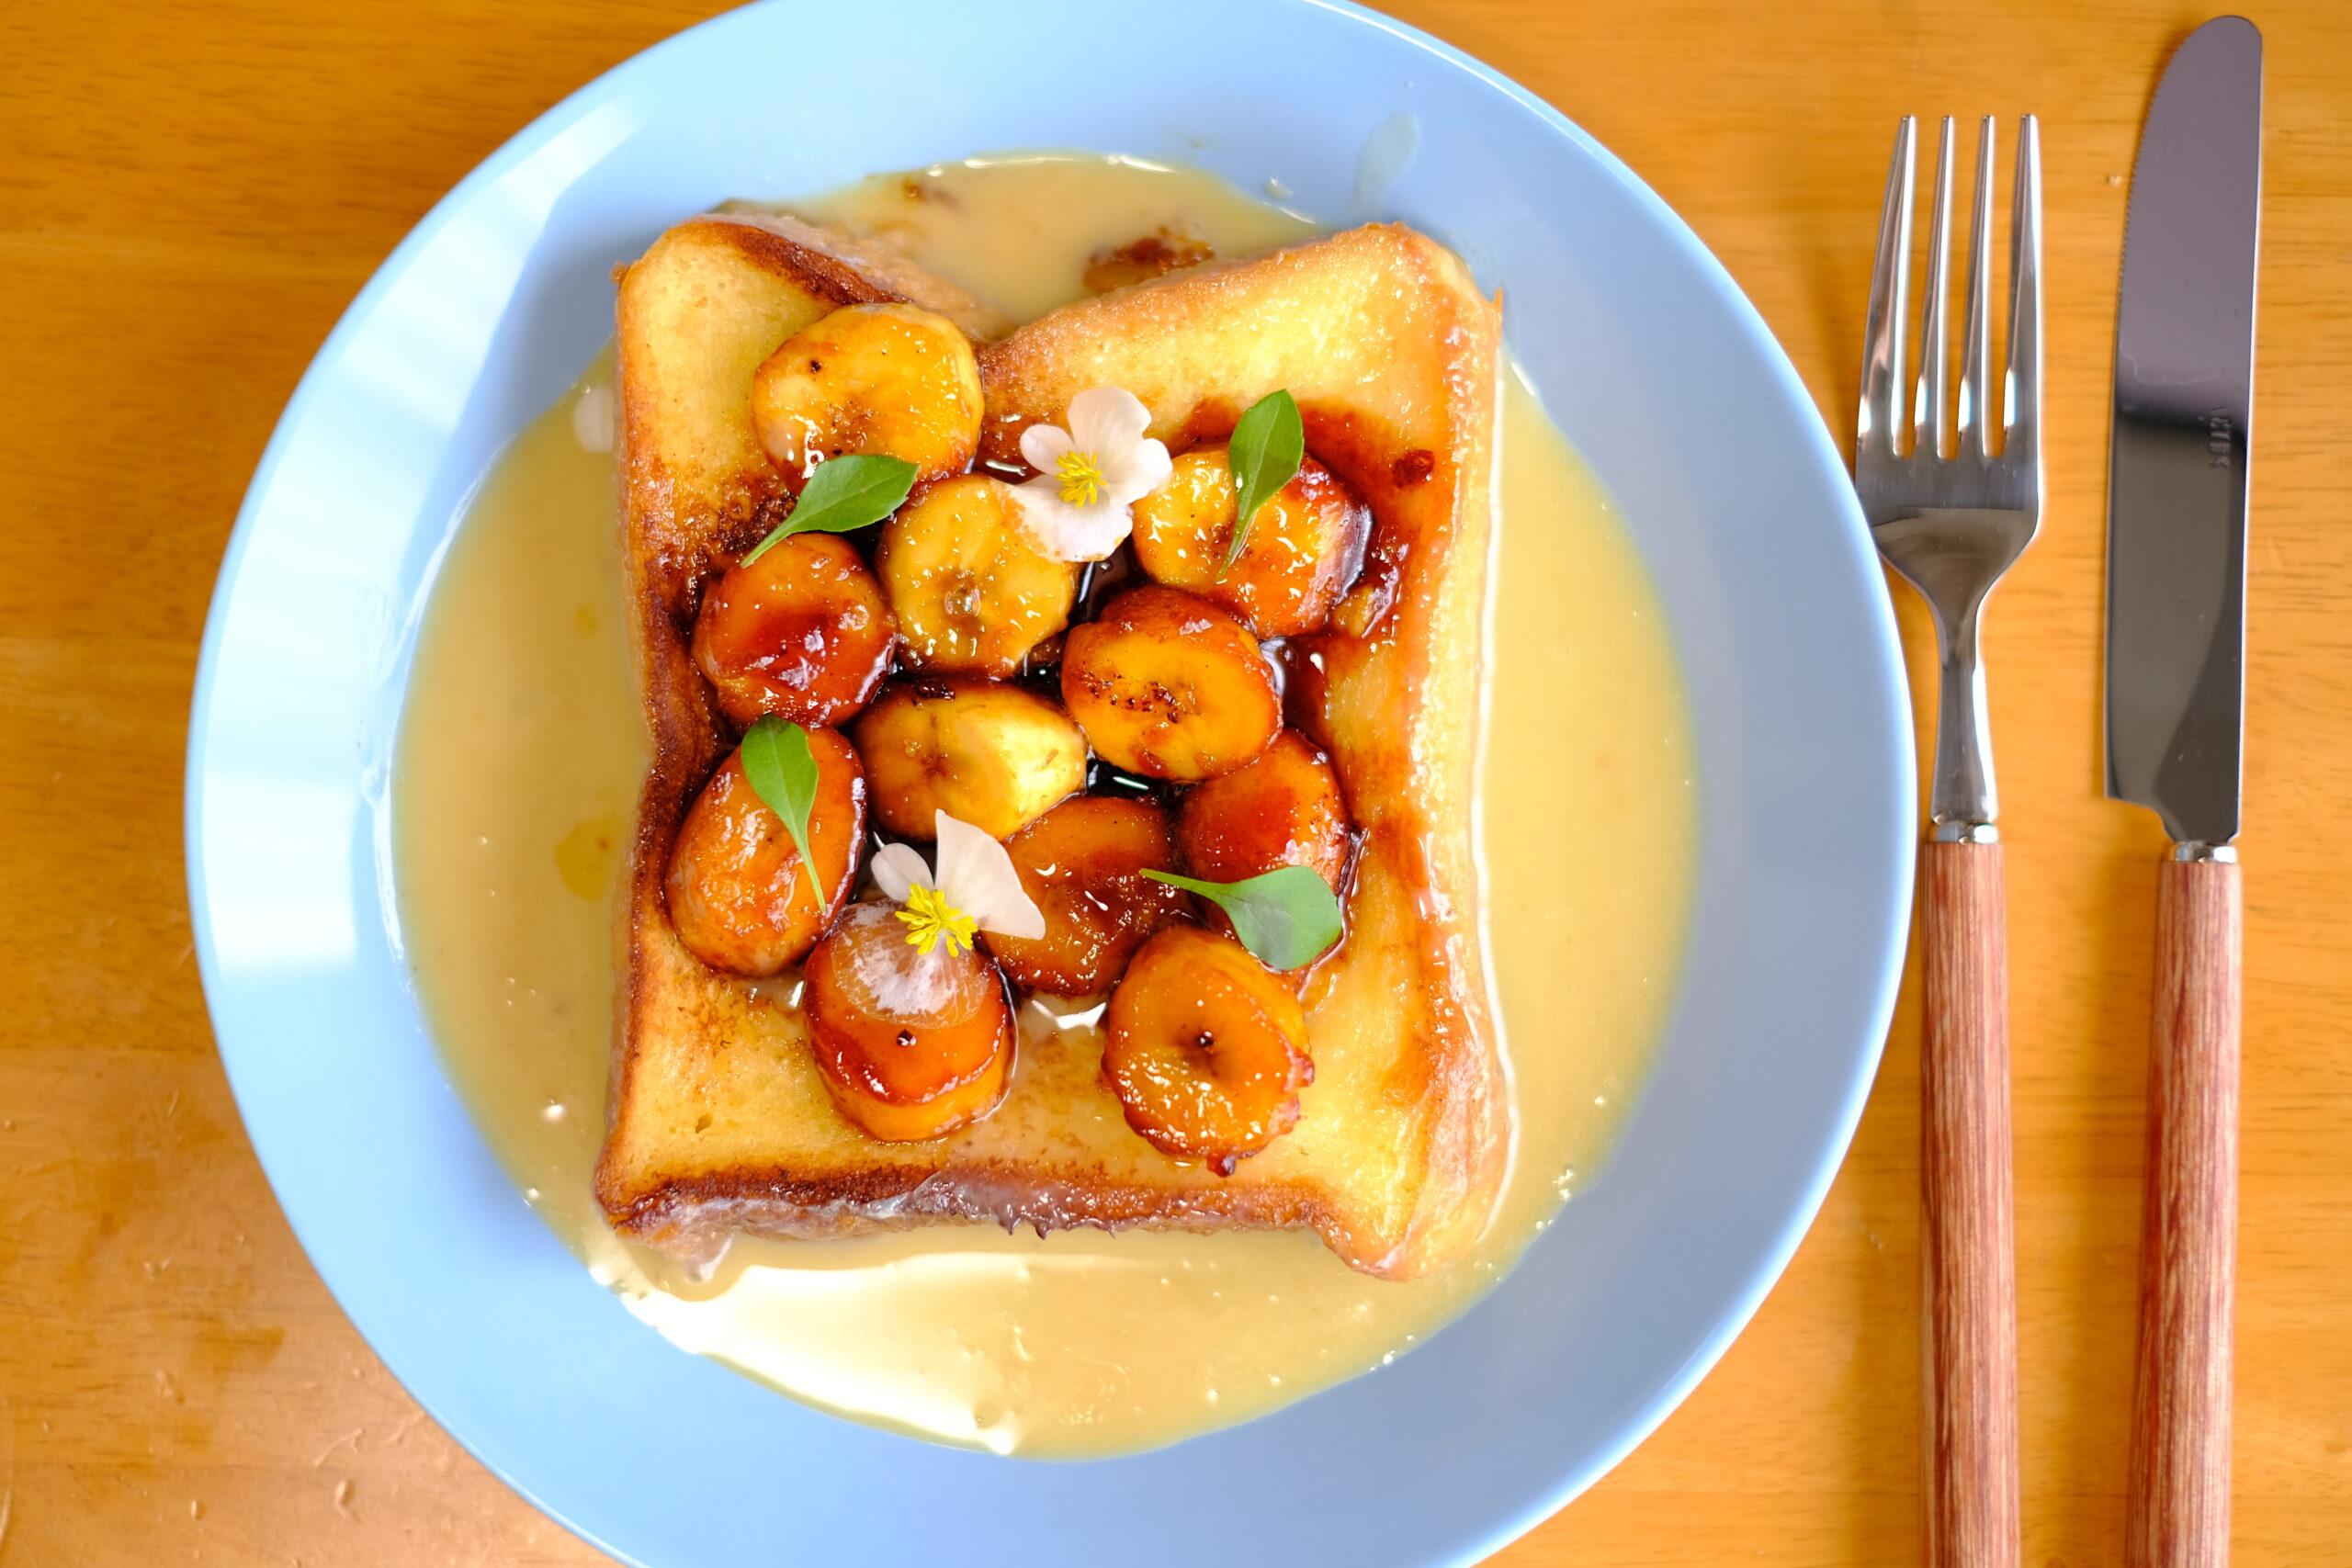 【ラム酒キャラメルバナナ】簡単フレンチトーストアイキャッチ画像です